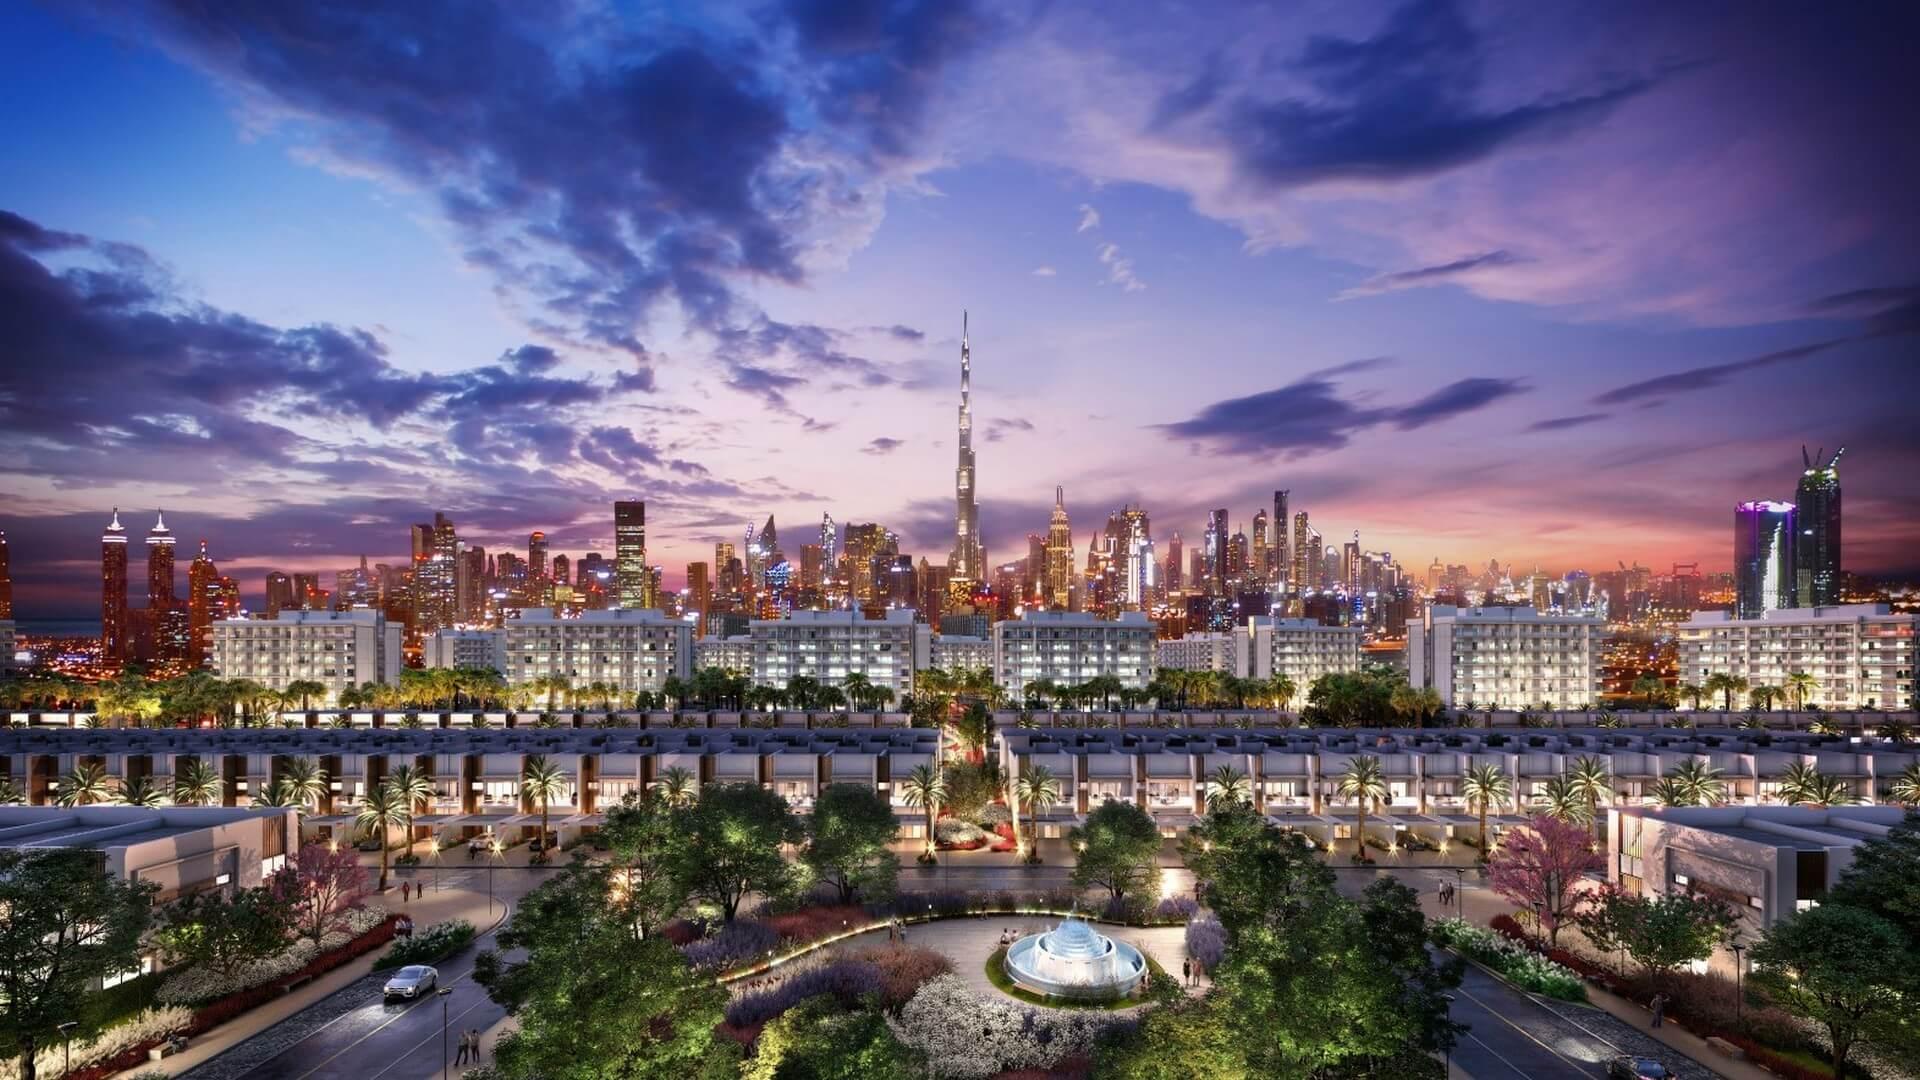 MAG CITY, Mohammed Bin Rashid City, Dubai, UAE – photo 3